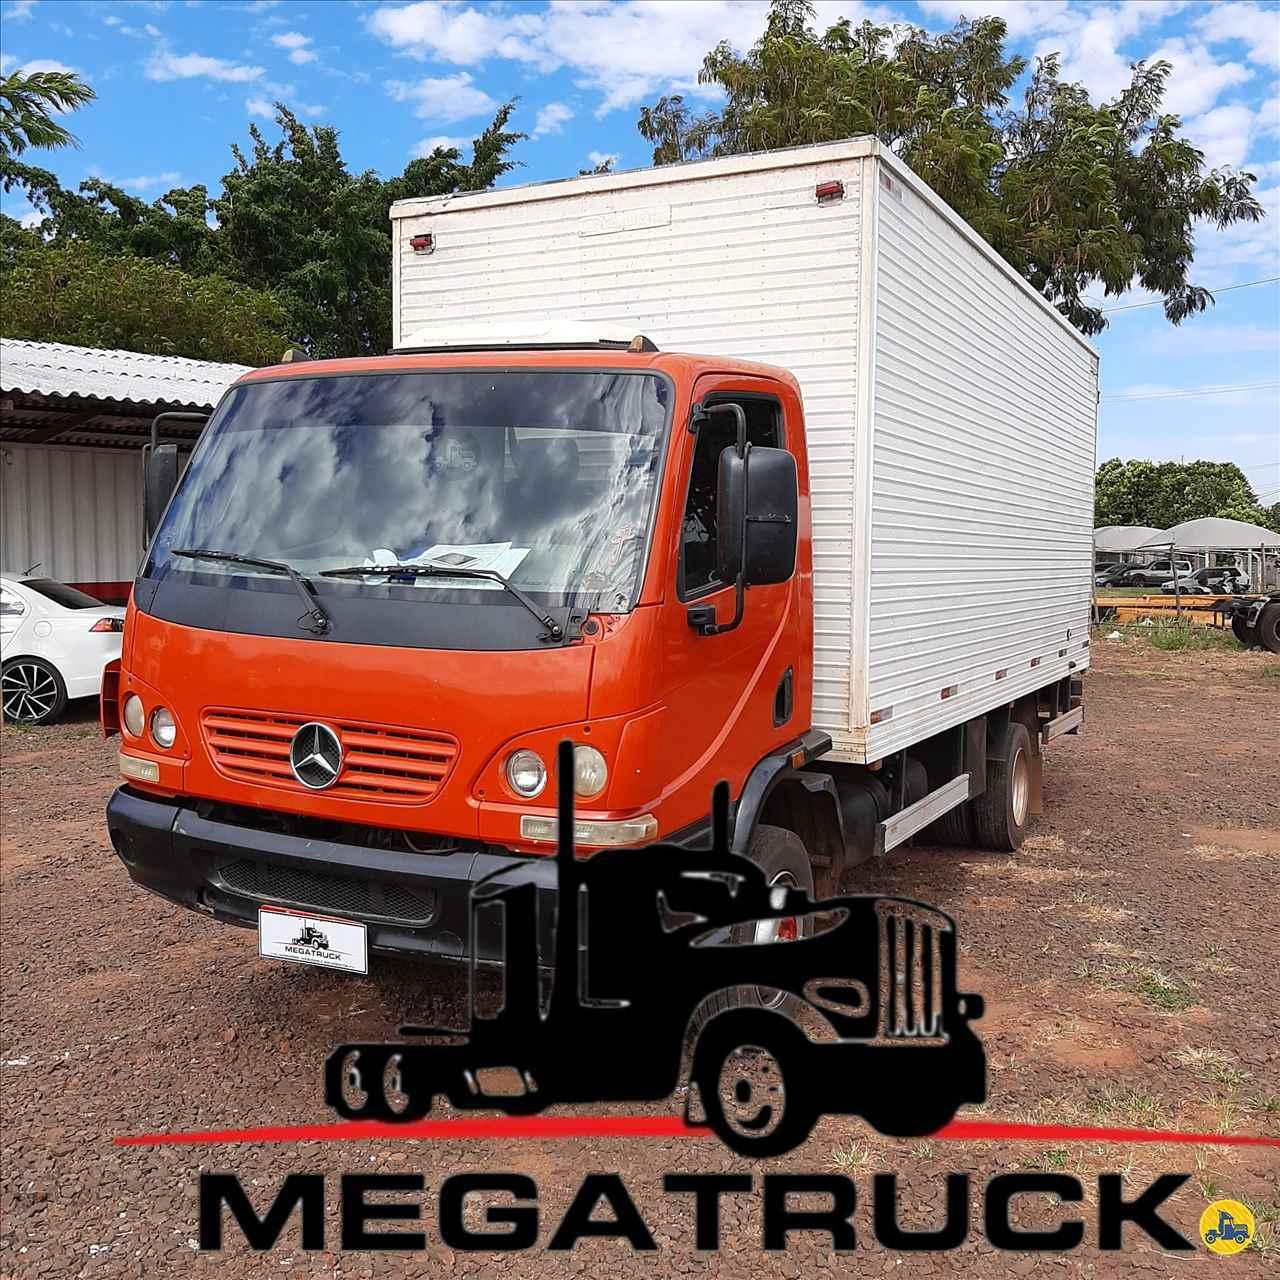 CAMINHAO MERCEDES-BENZ MB 915 Baú Furgão Toco 4x2 Megatruck Caminhões e Máquinas CAMPO GRANDE MATO GROSSO DO SUL MS